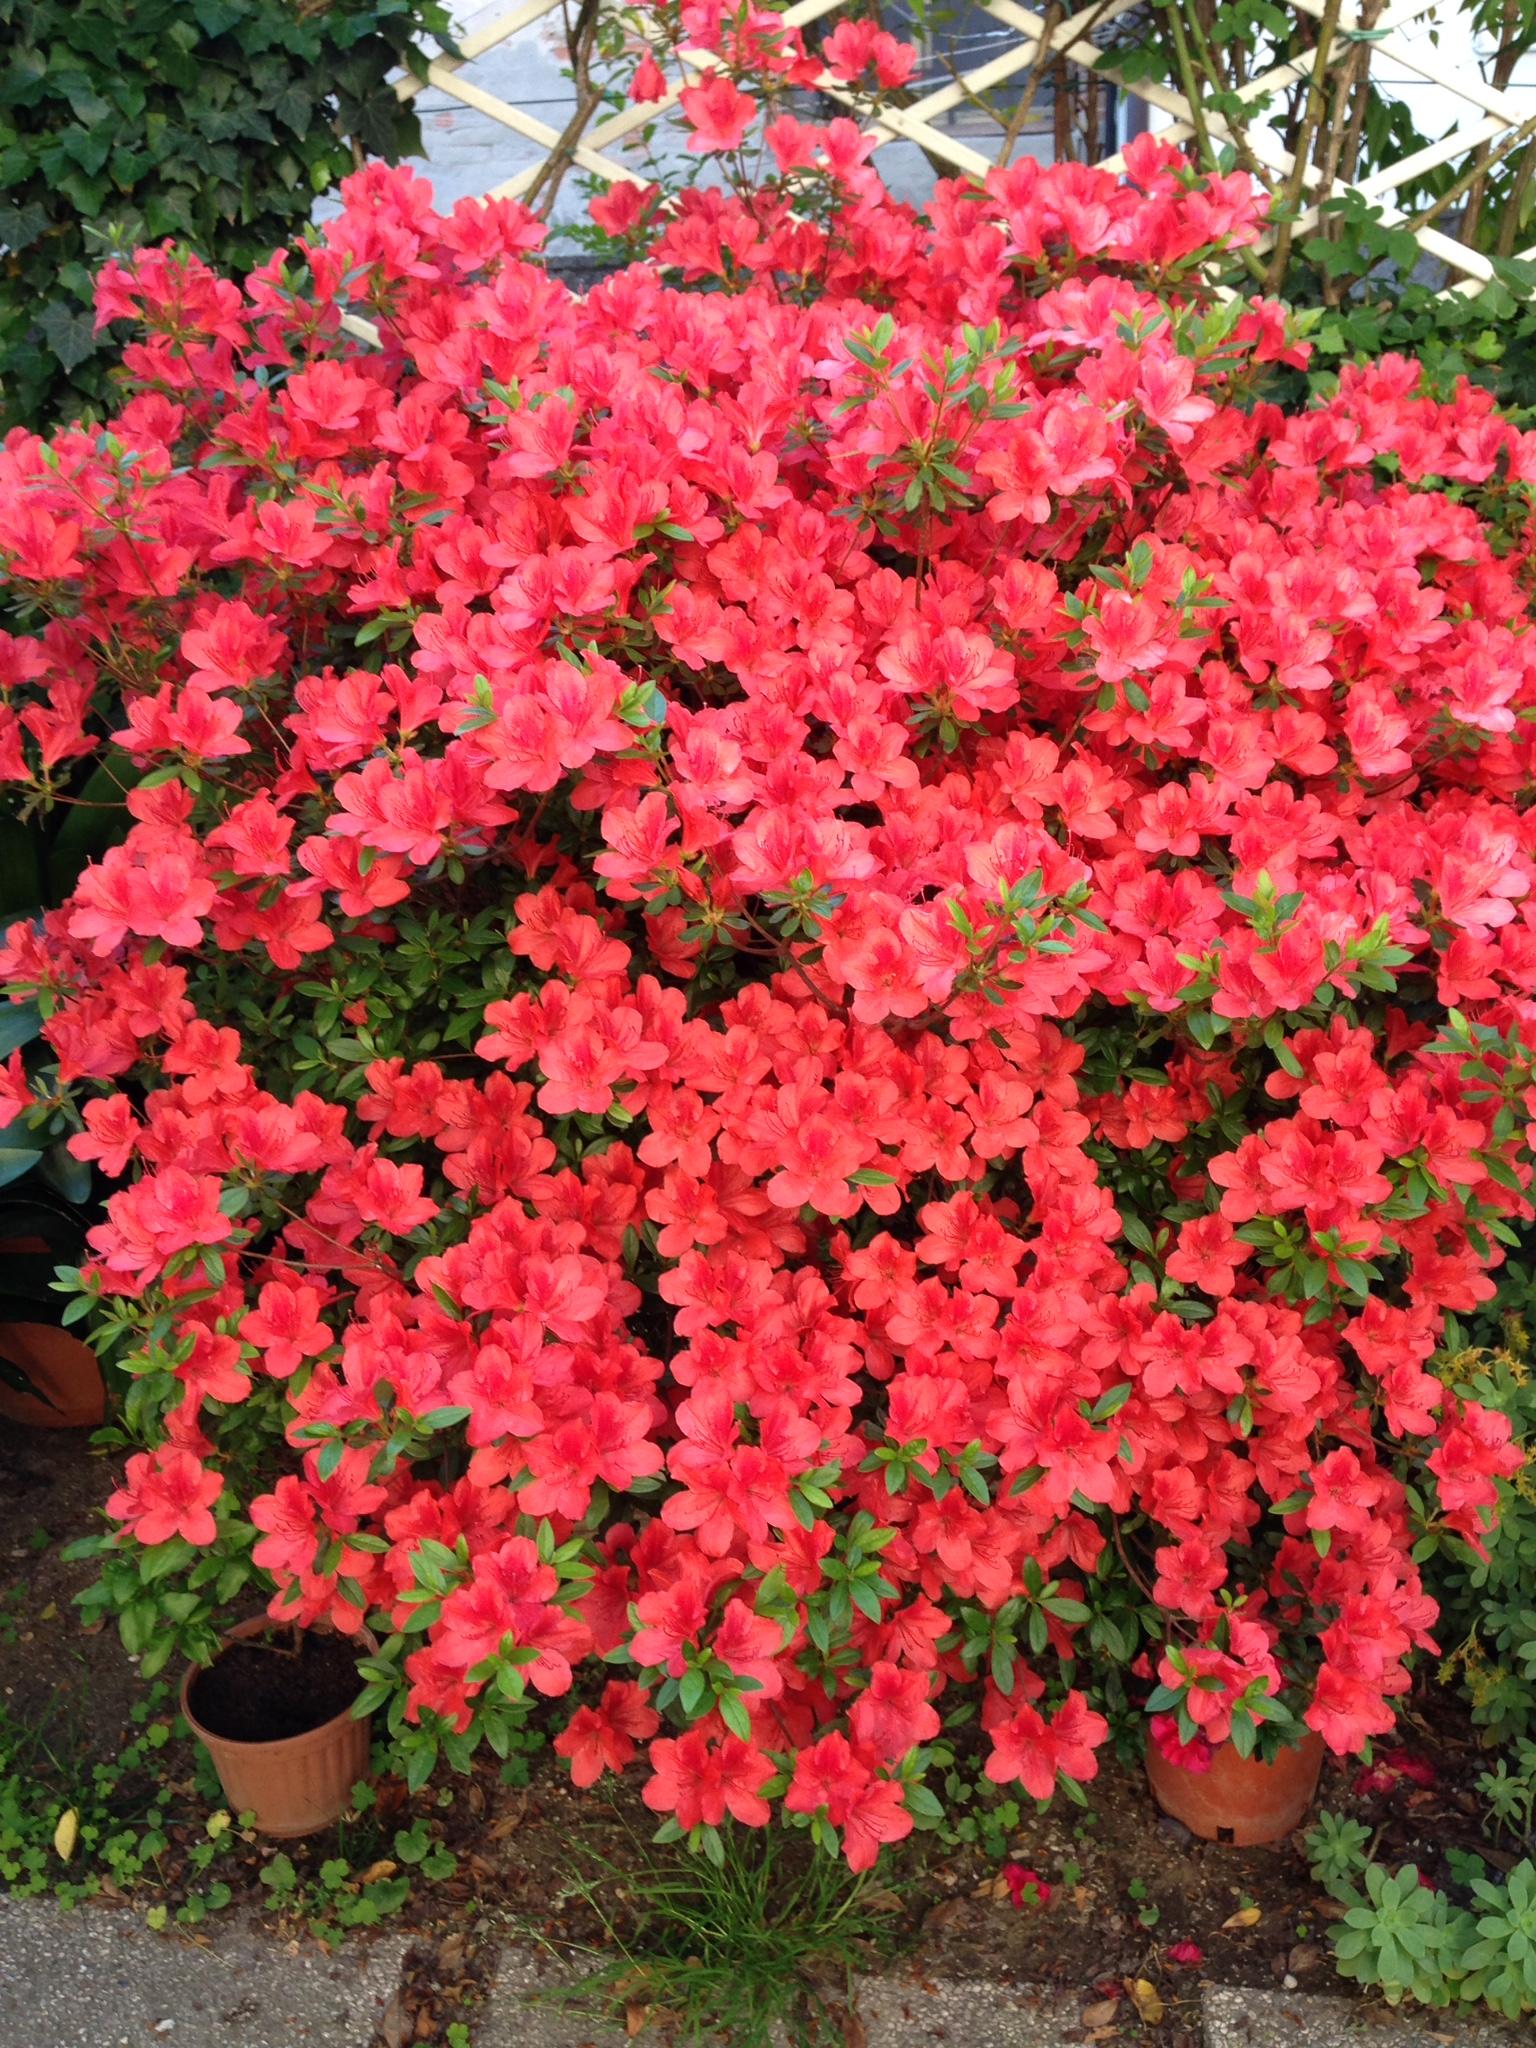 Alberi Ornamentali Da Giardino piante e fiori, giardinaggio - fioravanti garden